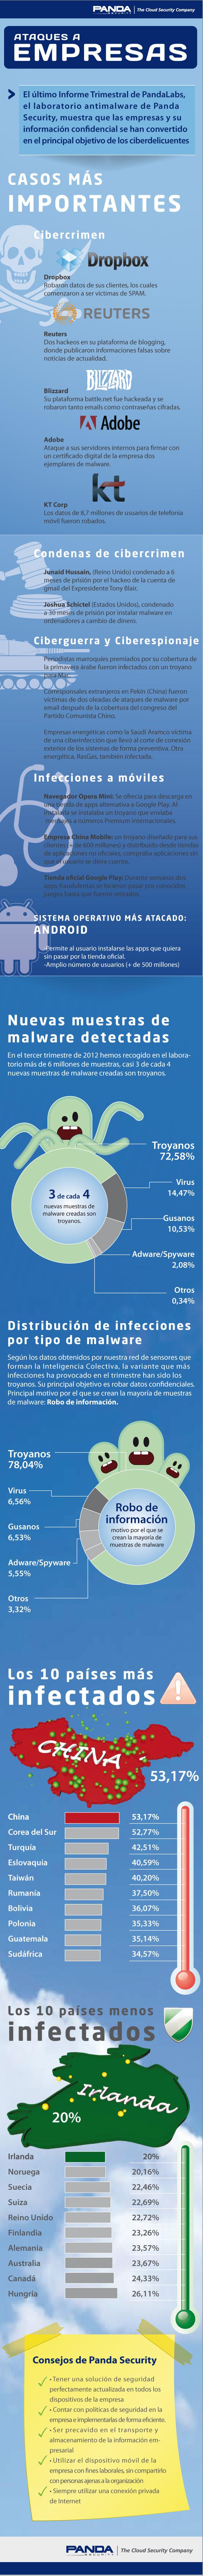 Ataques a empresas [Infografía PandaLabs] 56